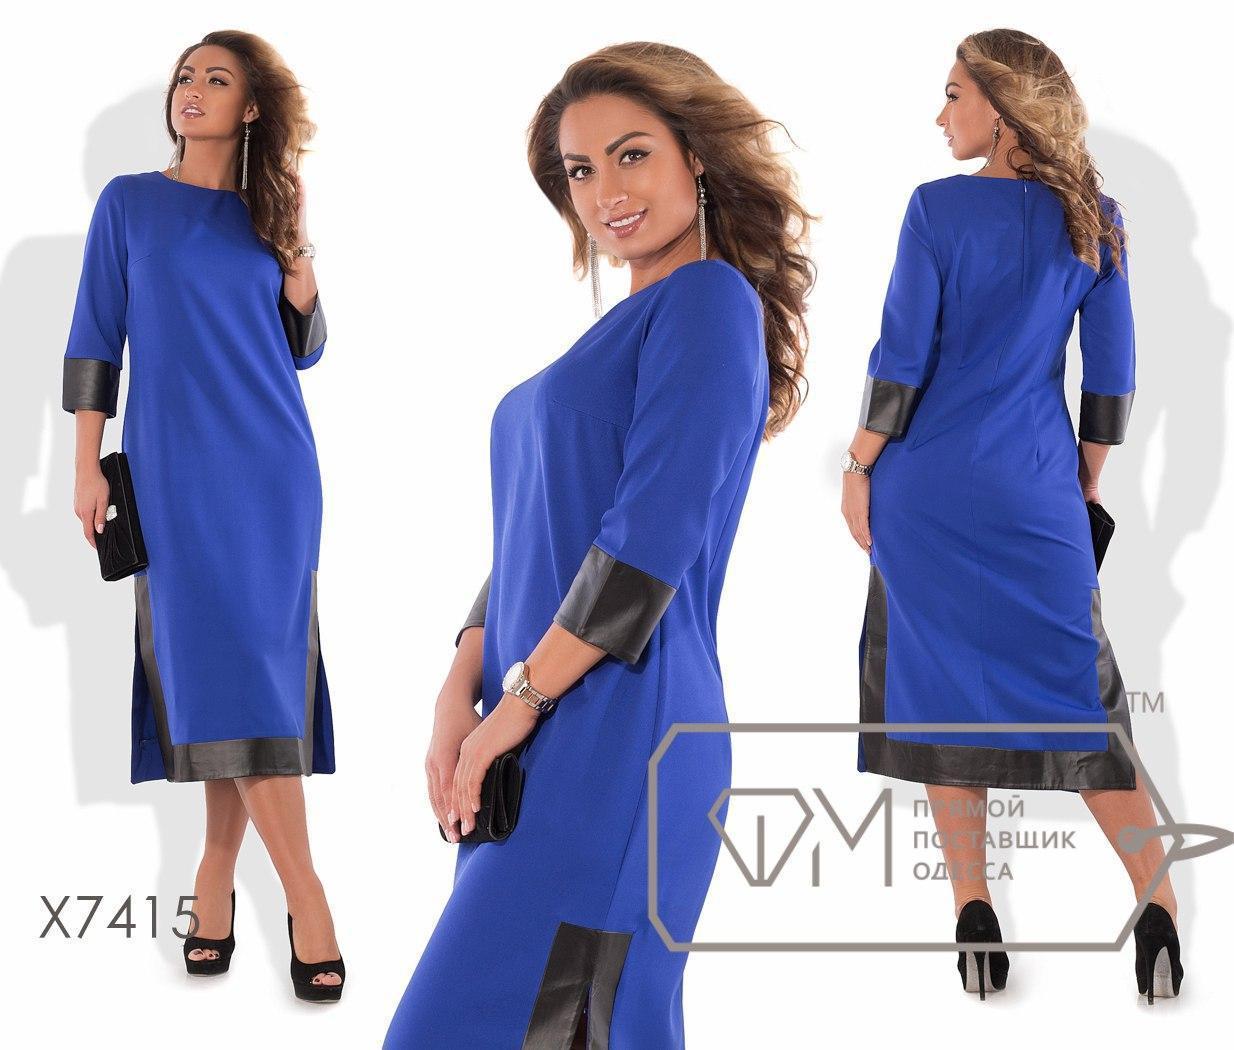 Платье батал ниже колена с вставкой из экокожи fmx74uk